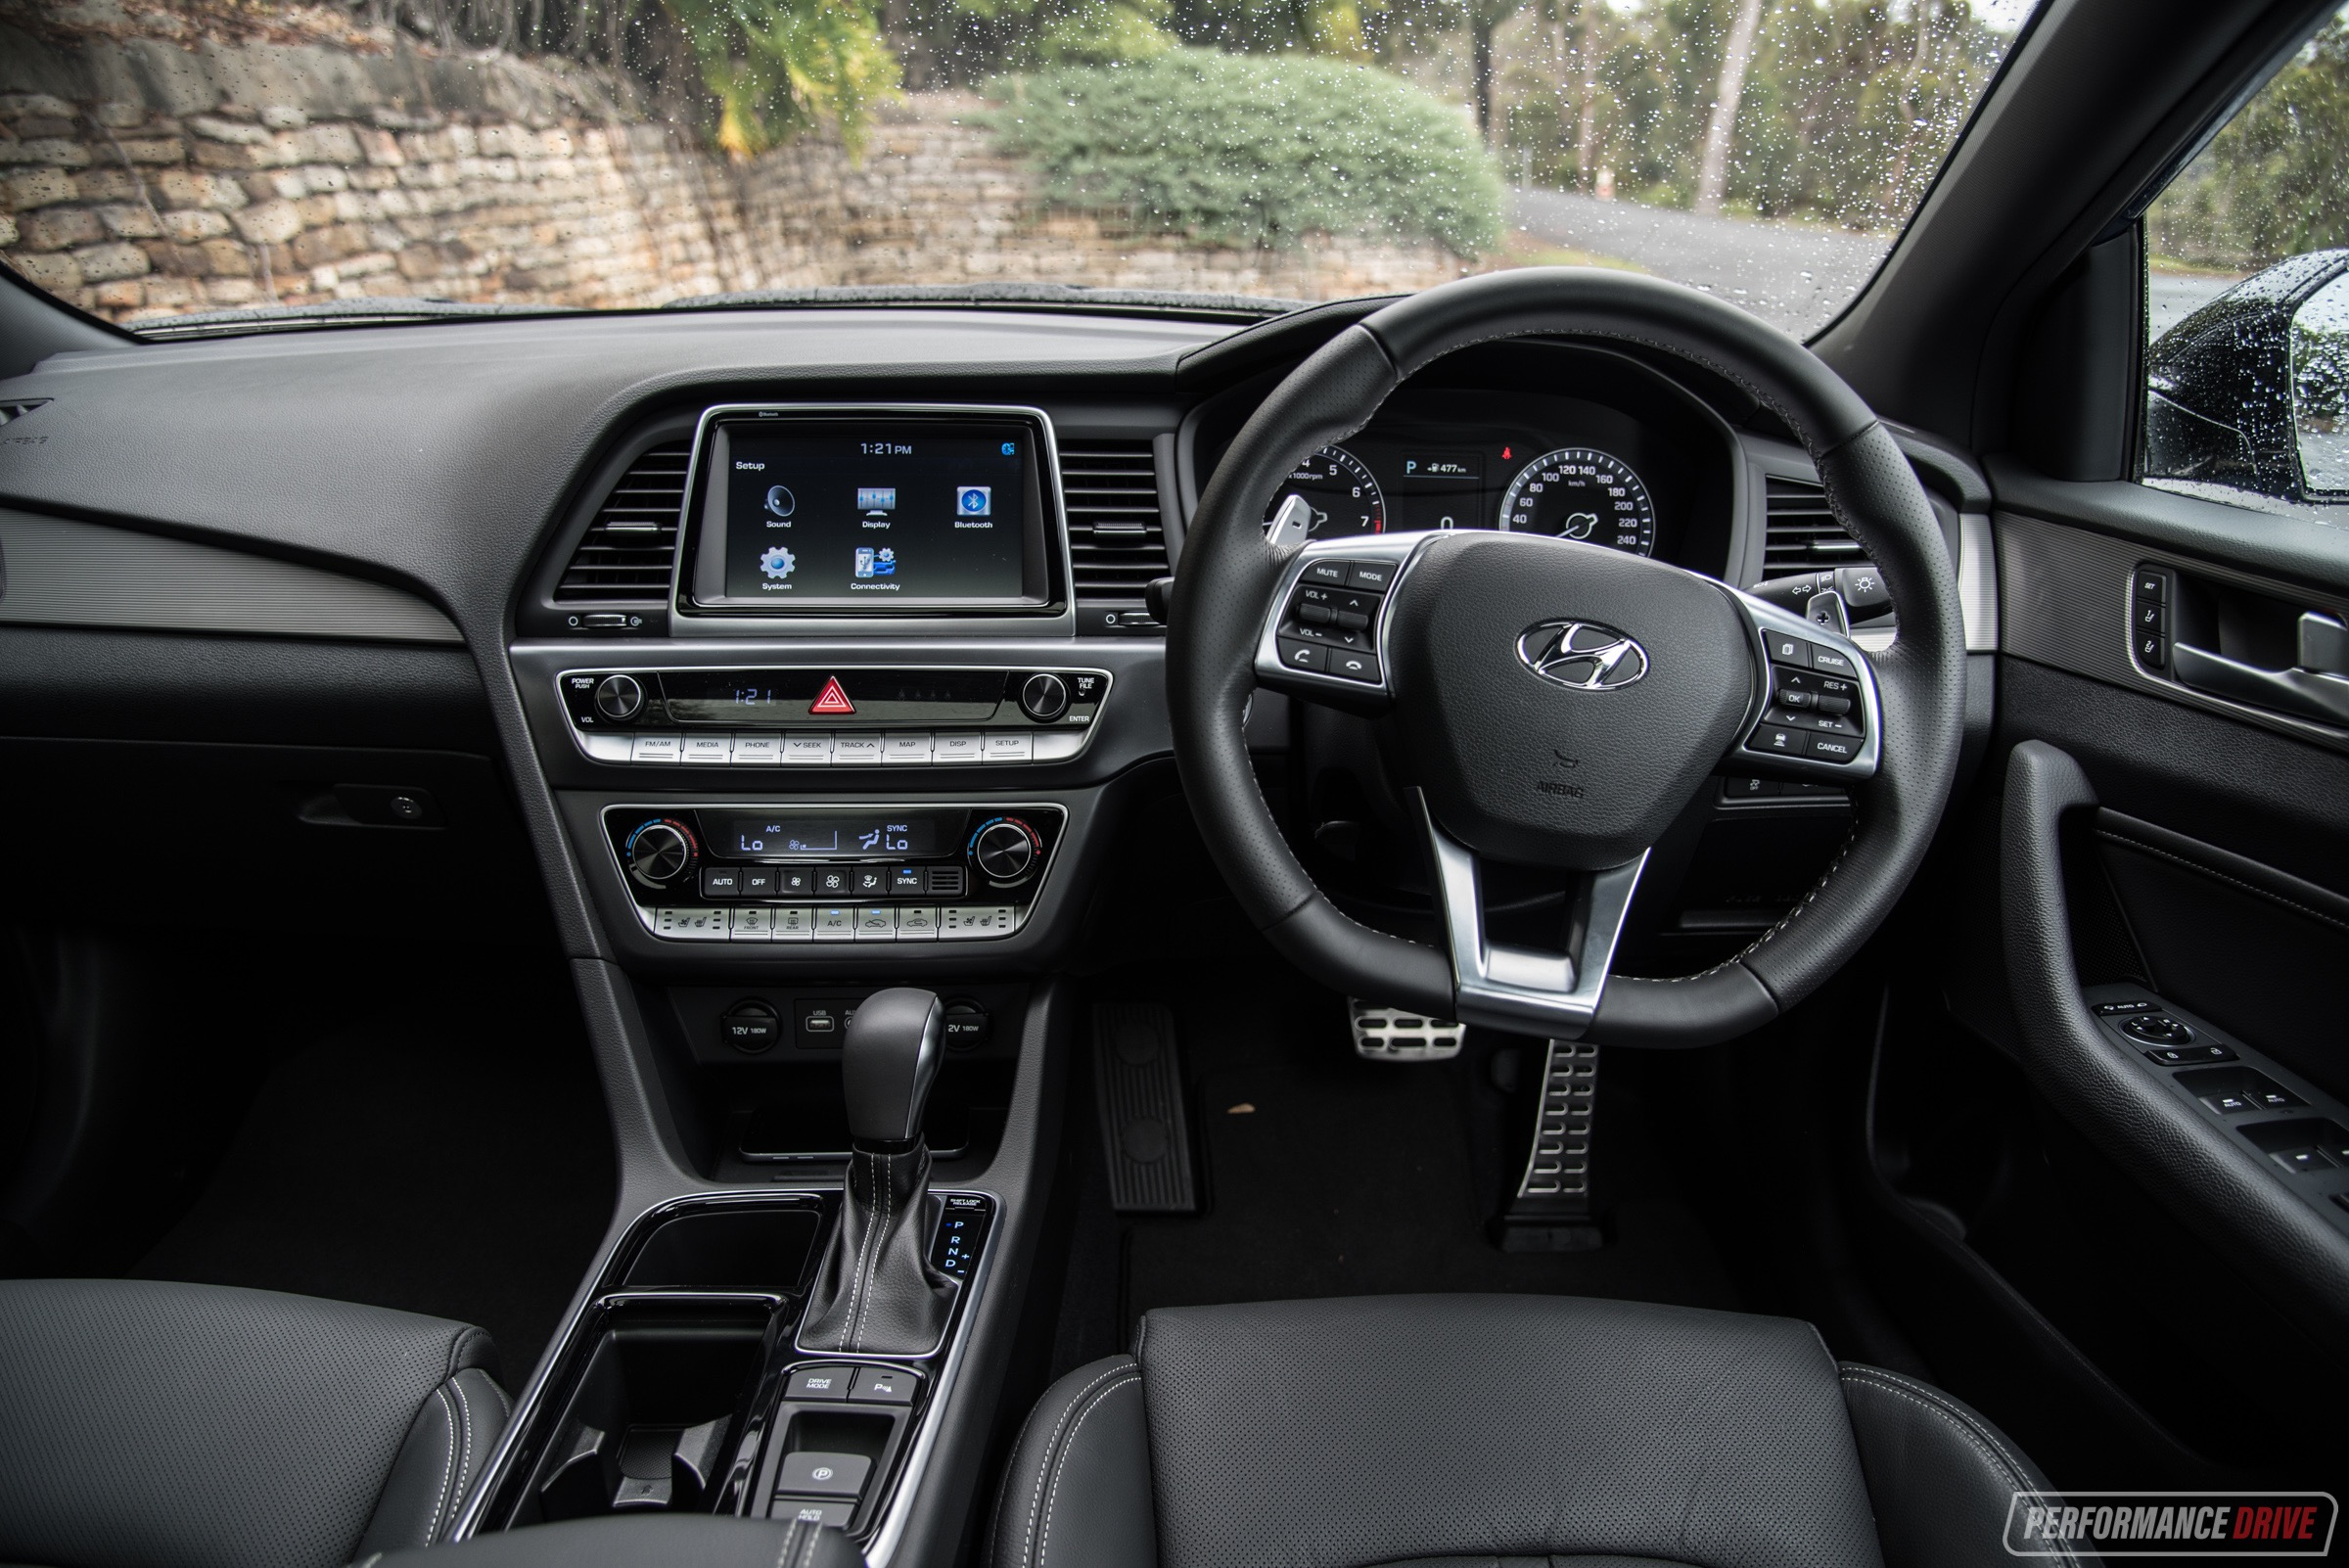 2018 Hyundai Sonata Premium Interior